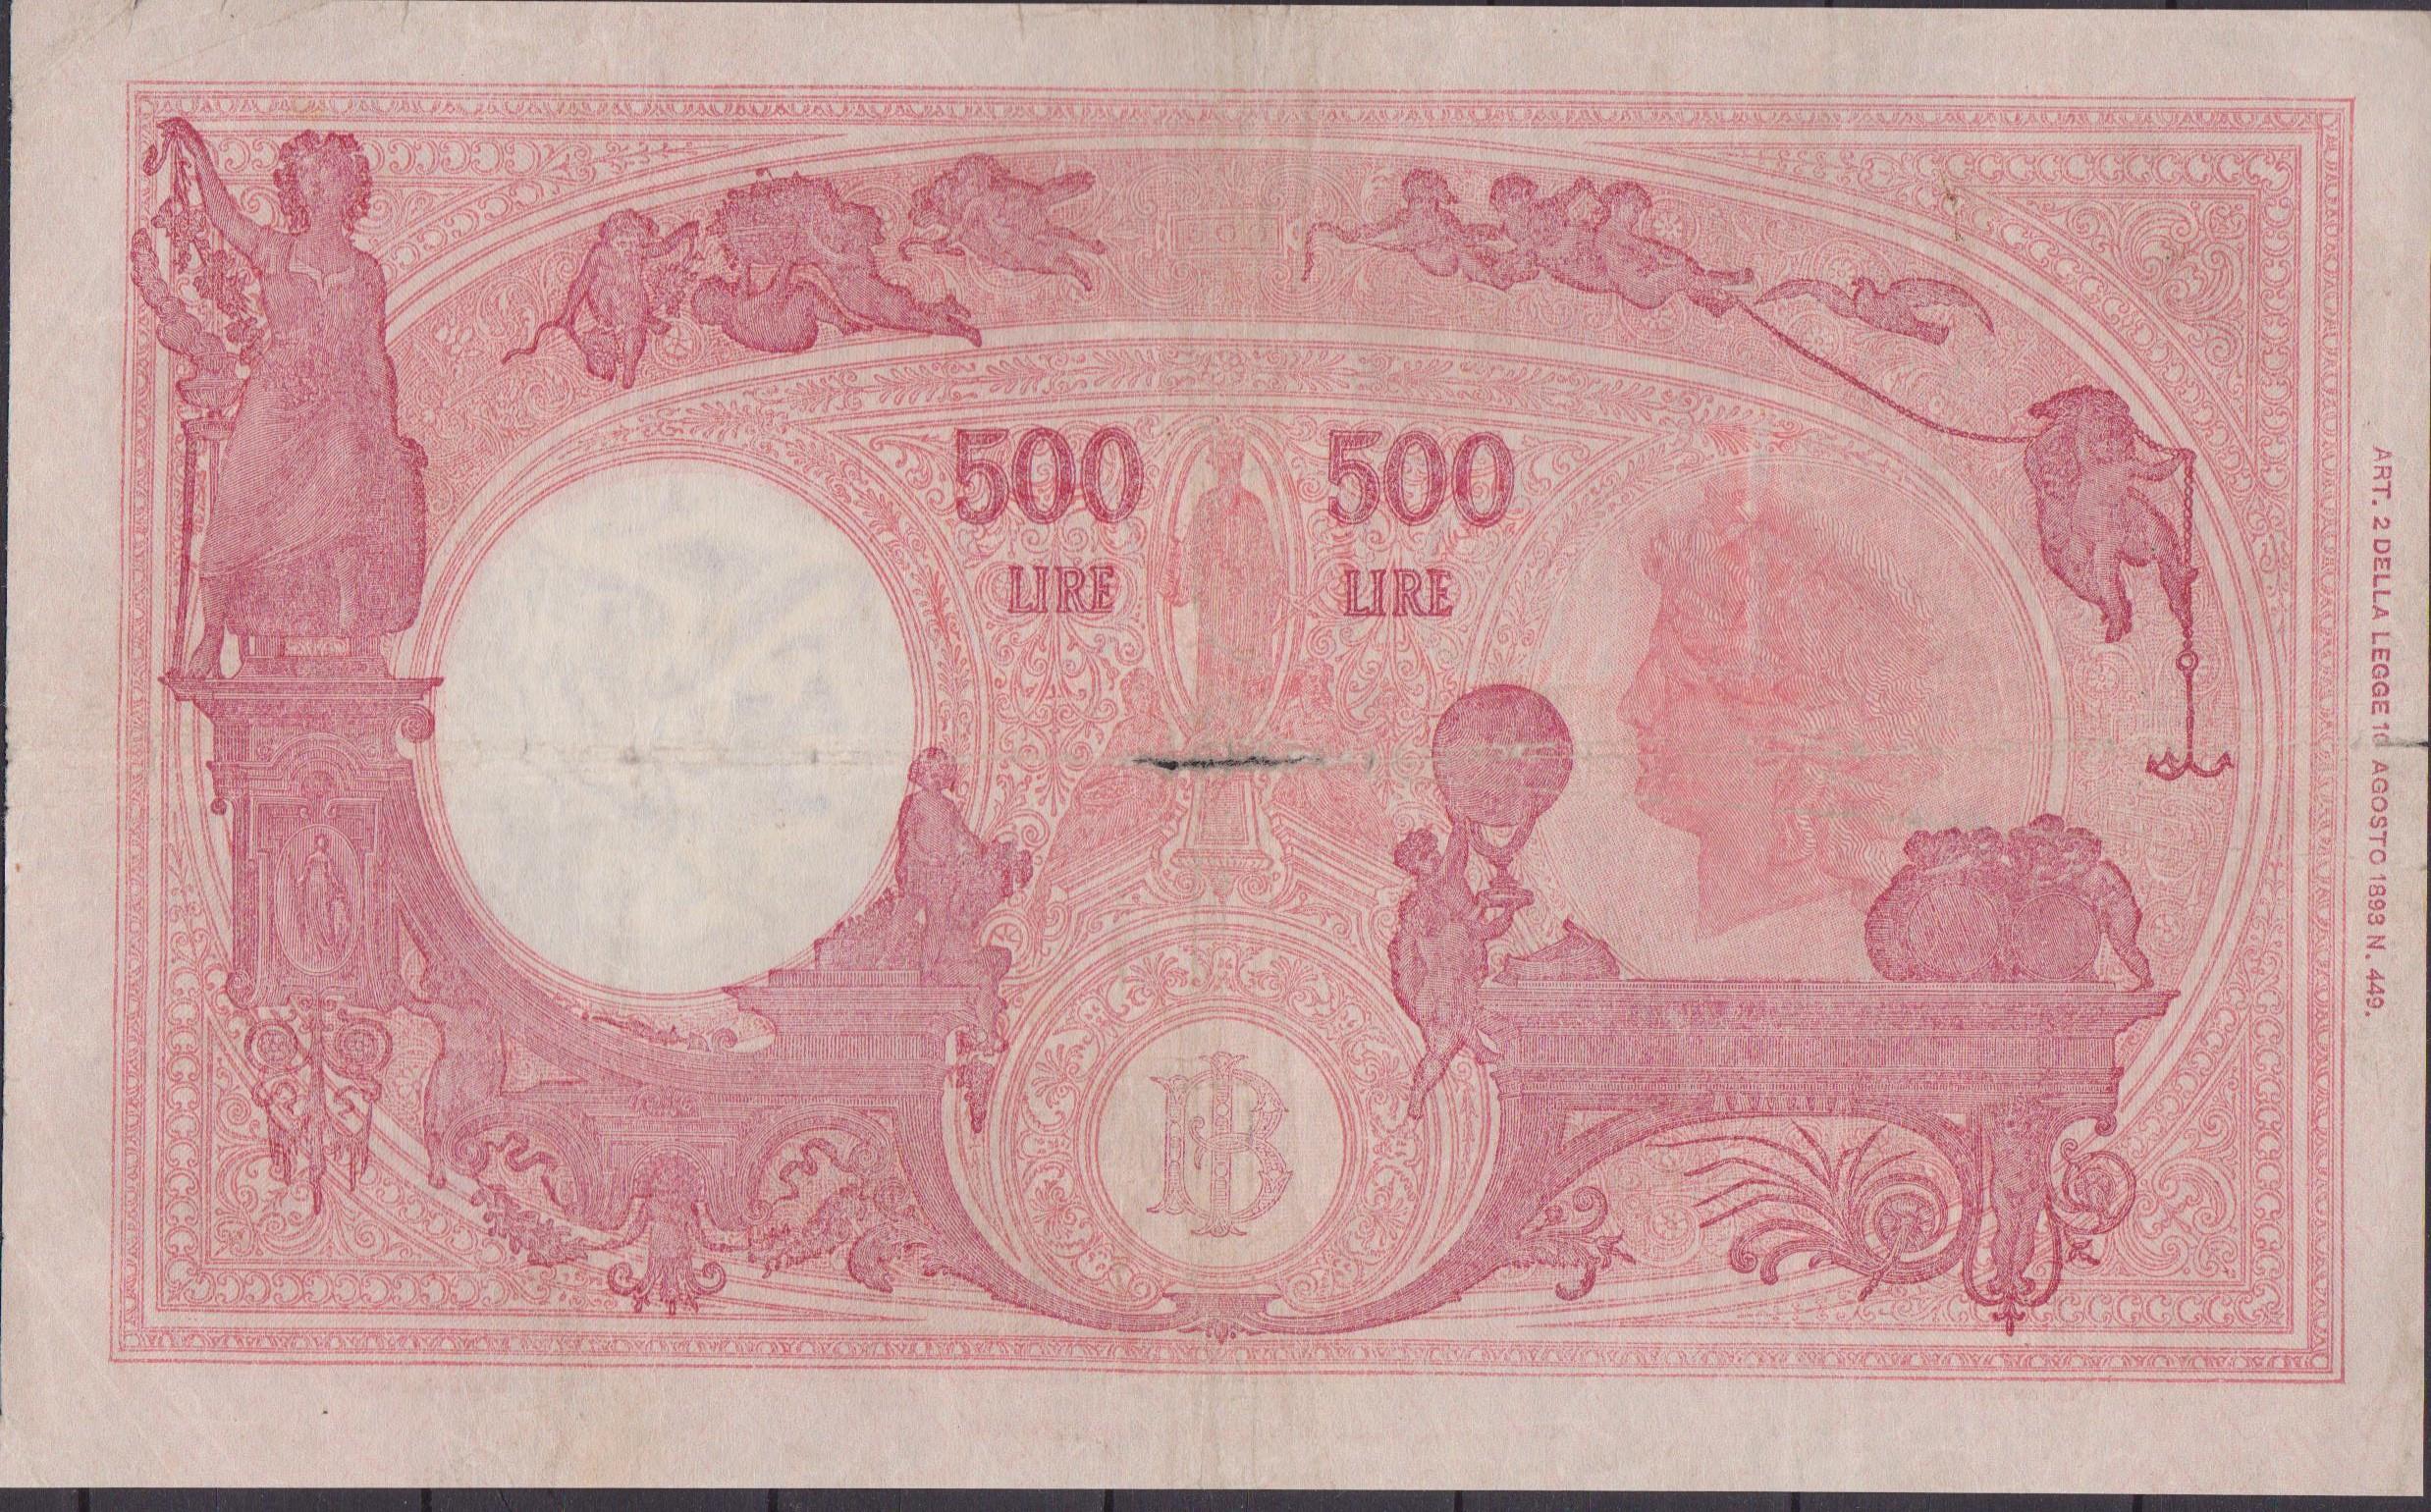 banconota 500 lire 001